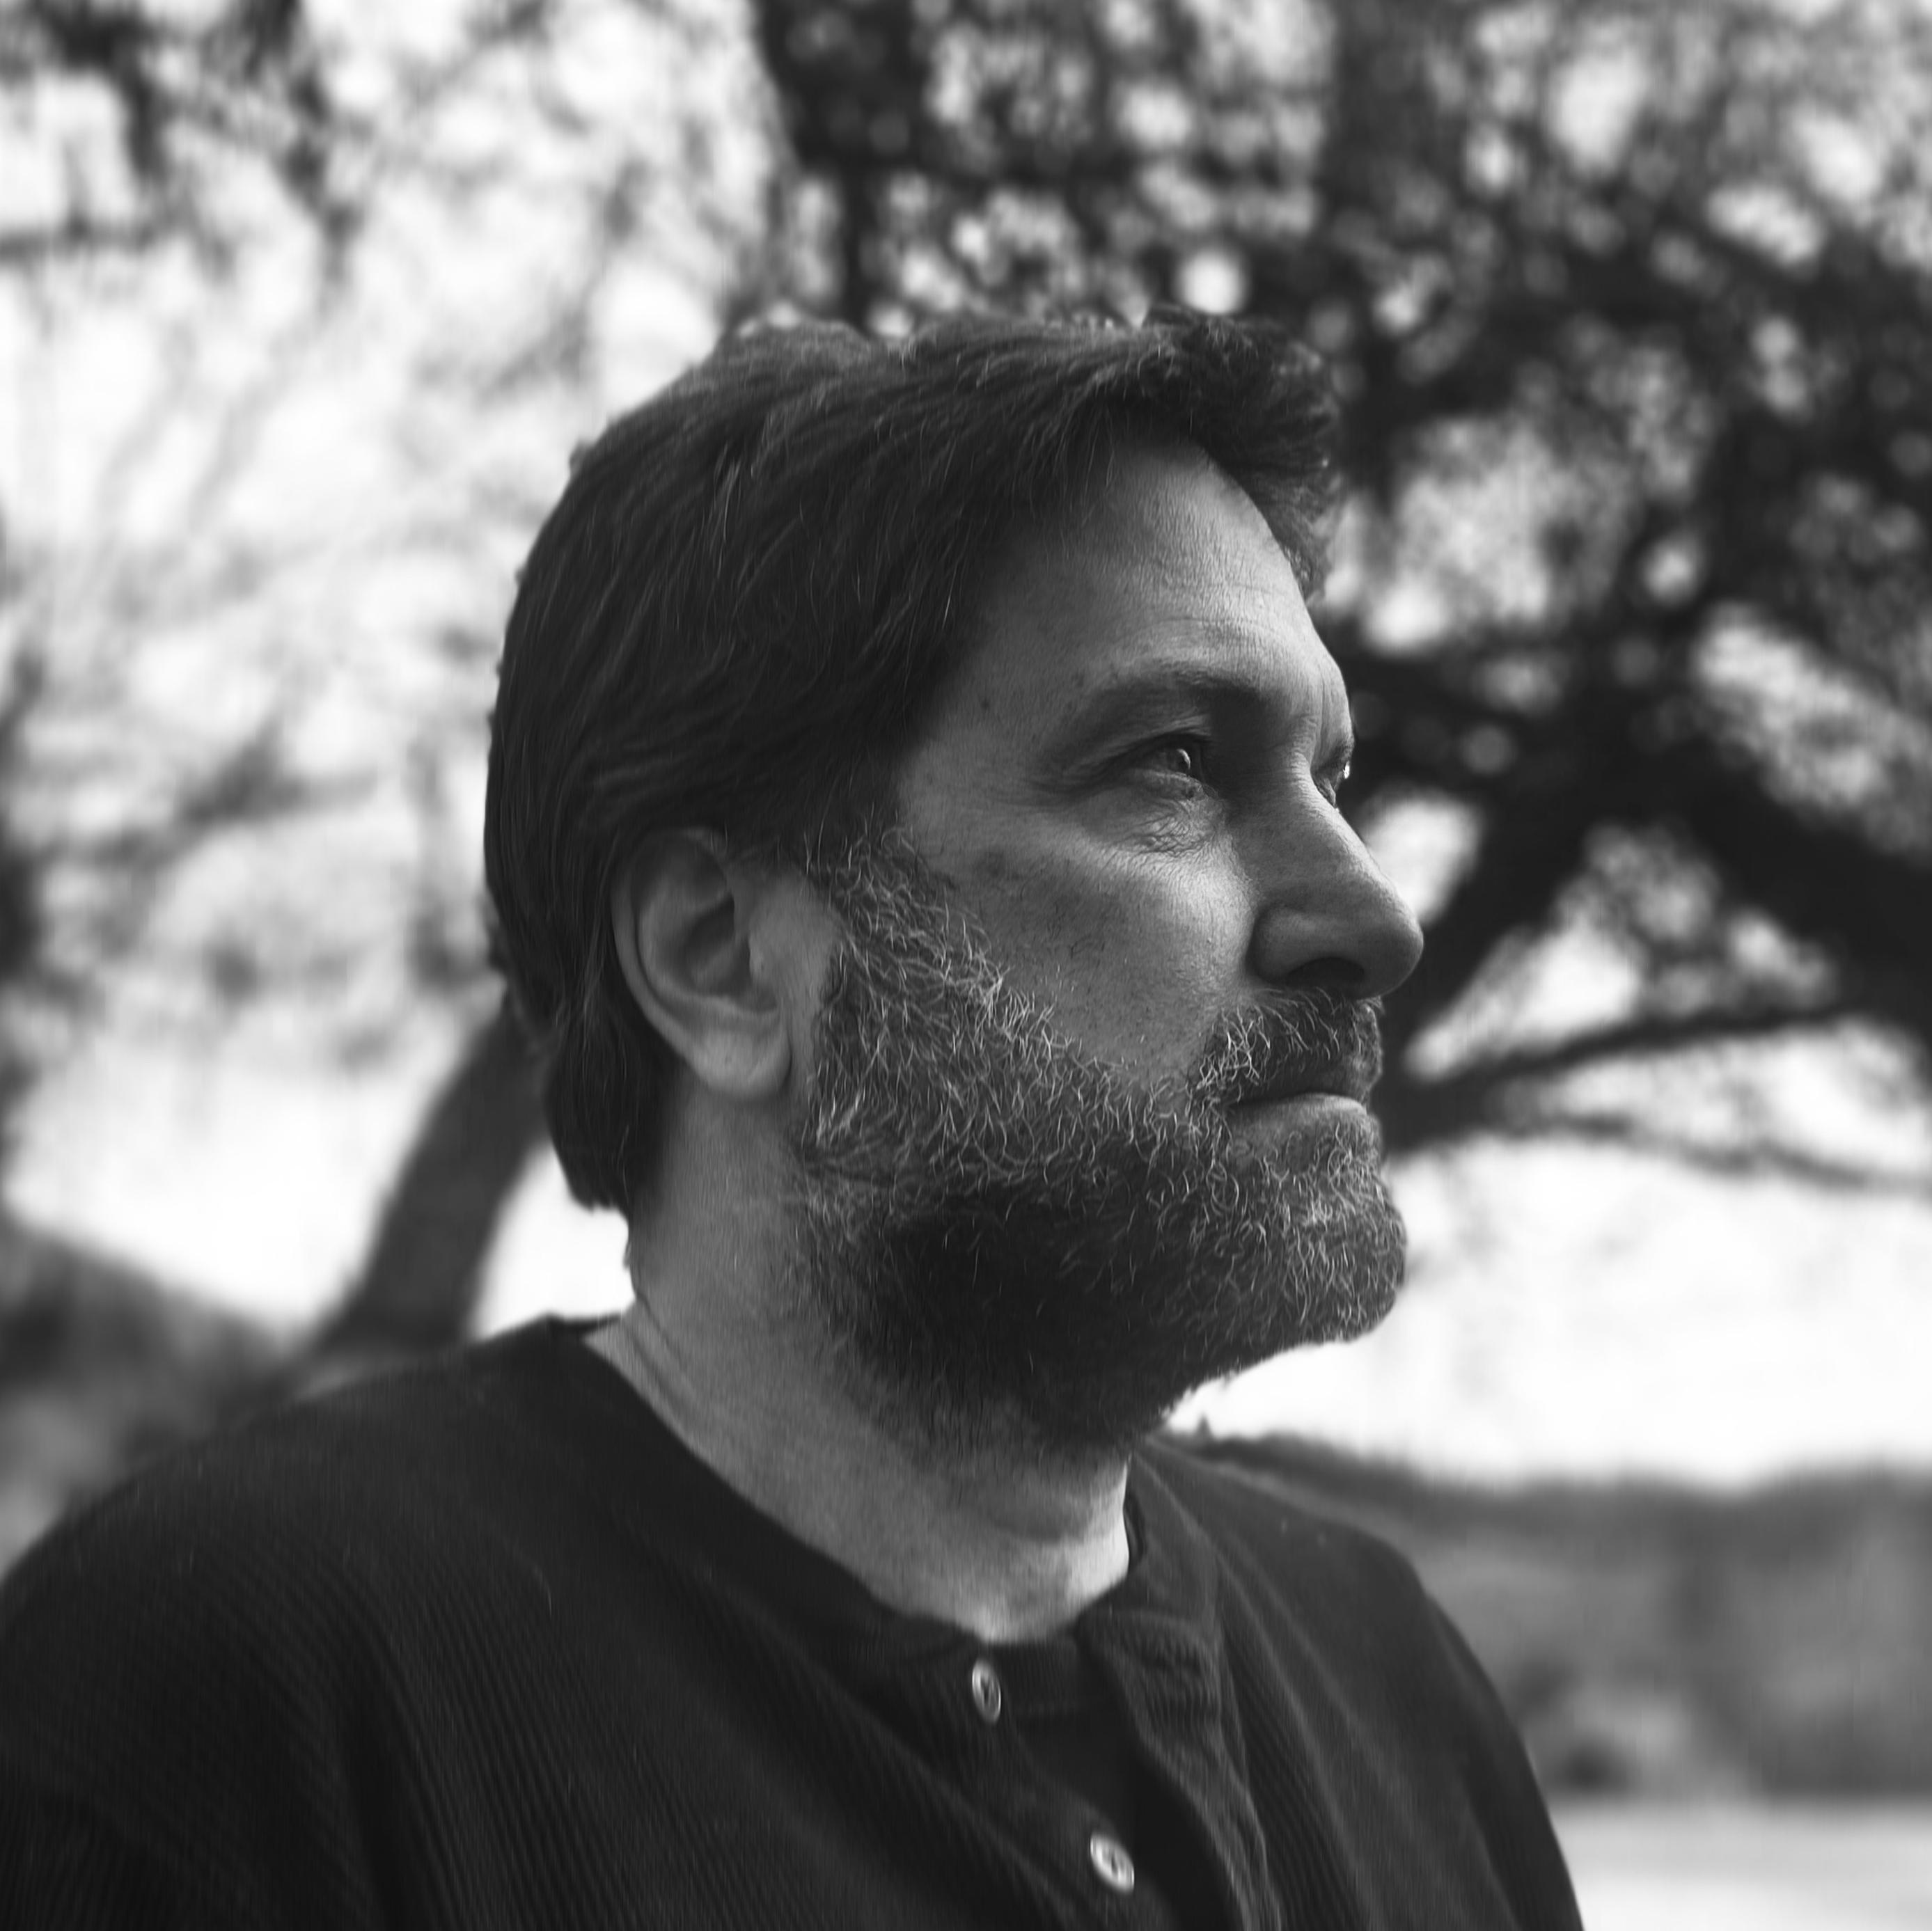 Bret Tobalske